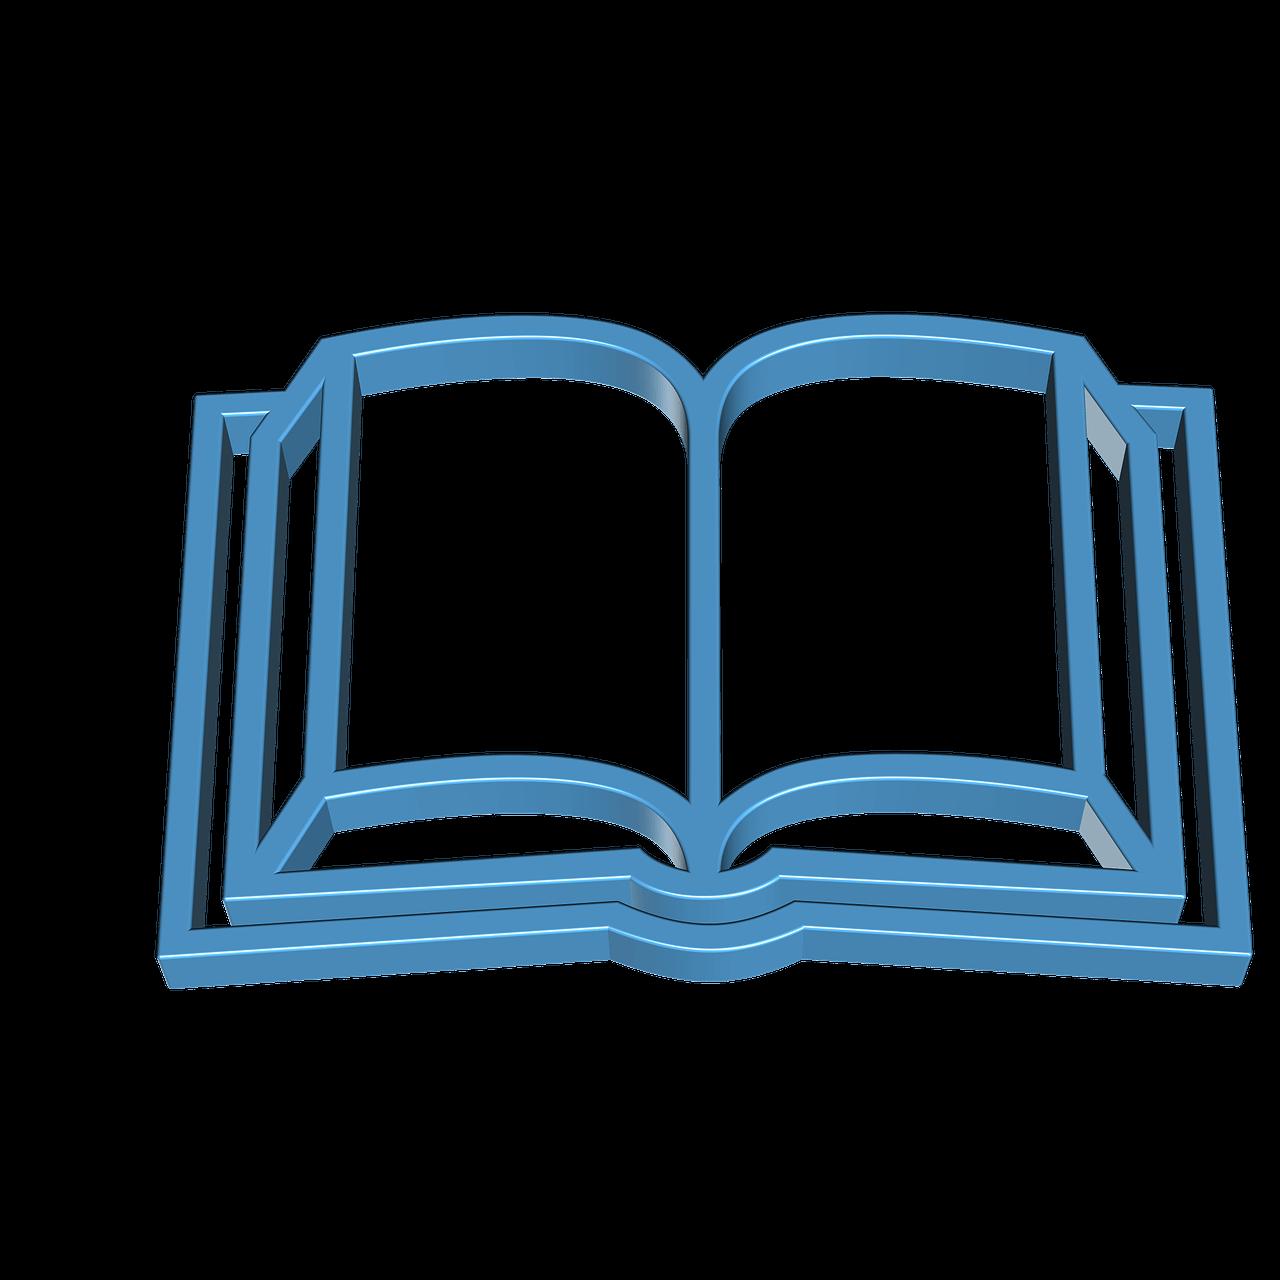 Ebook ilustrační obrázek